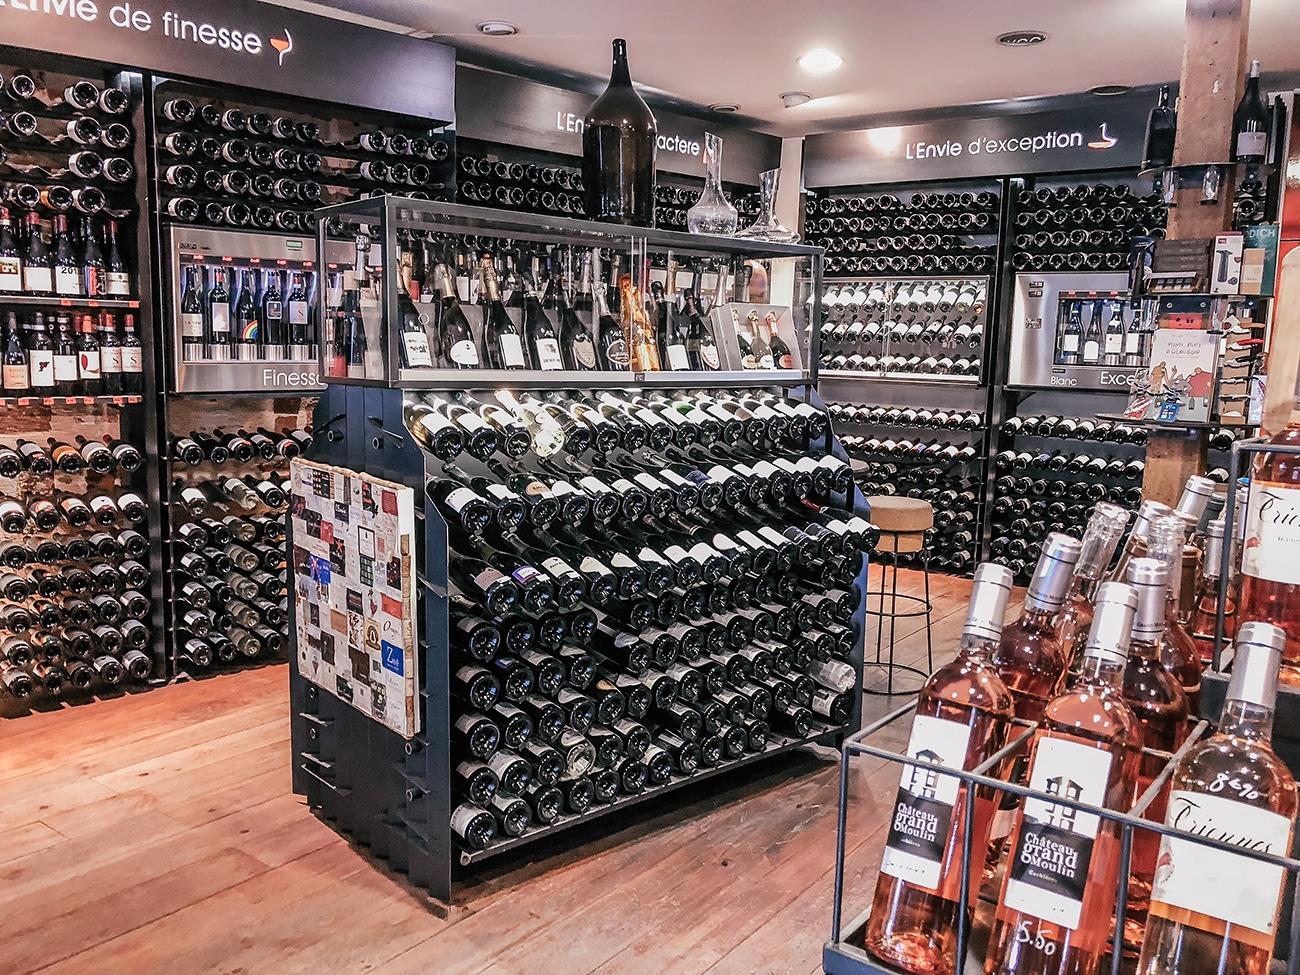 lenvie vin 4 - Un week-end à Toulouse